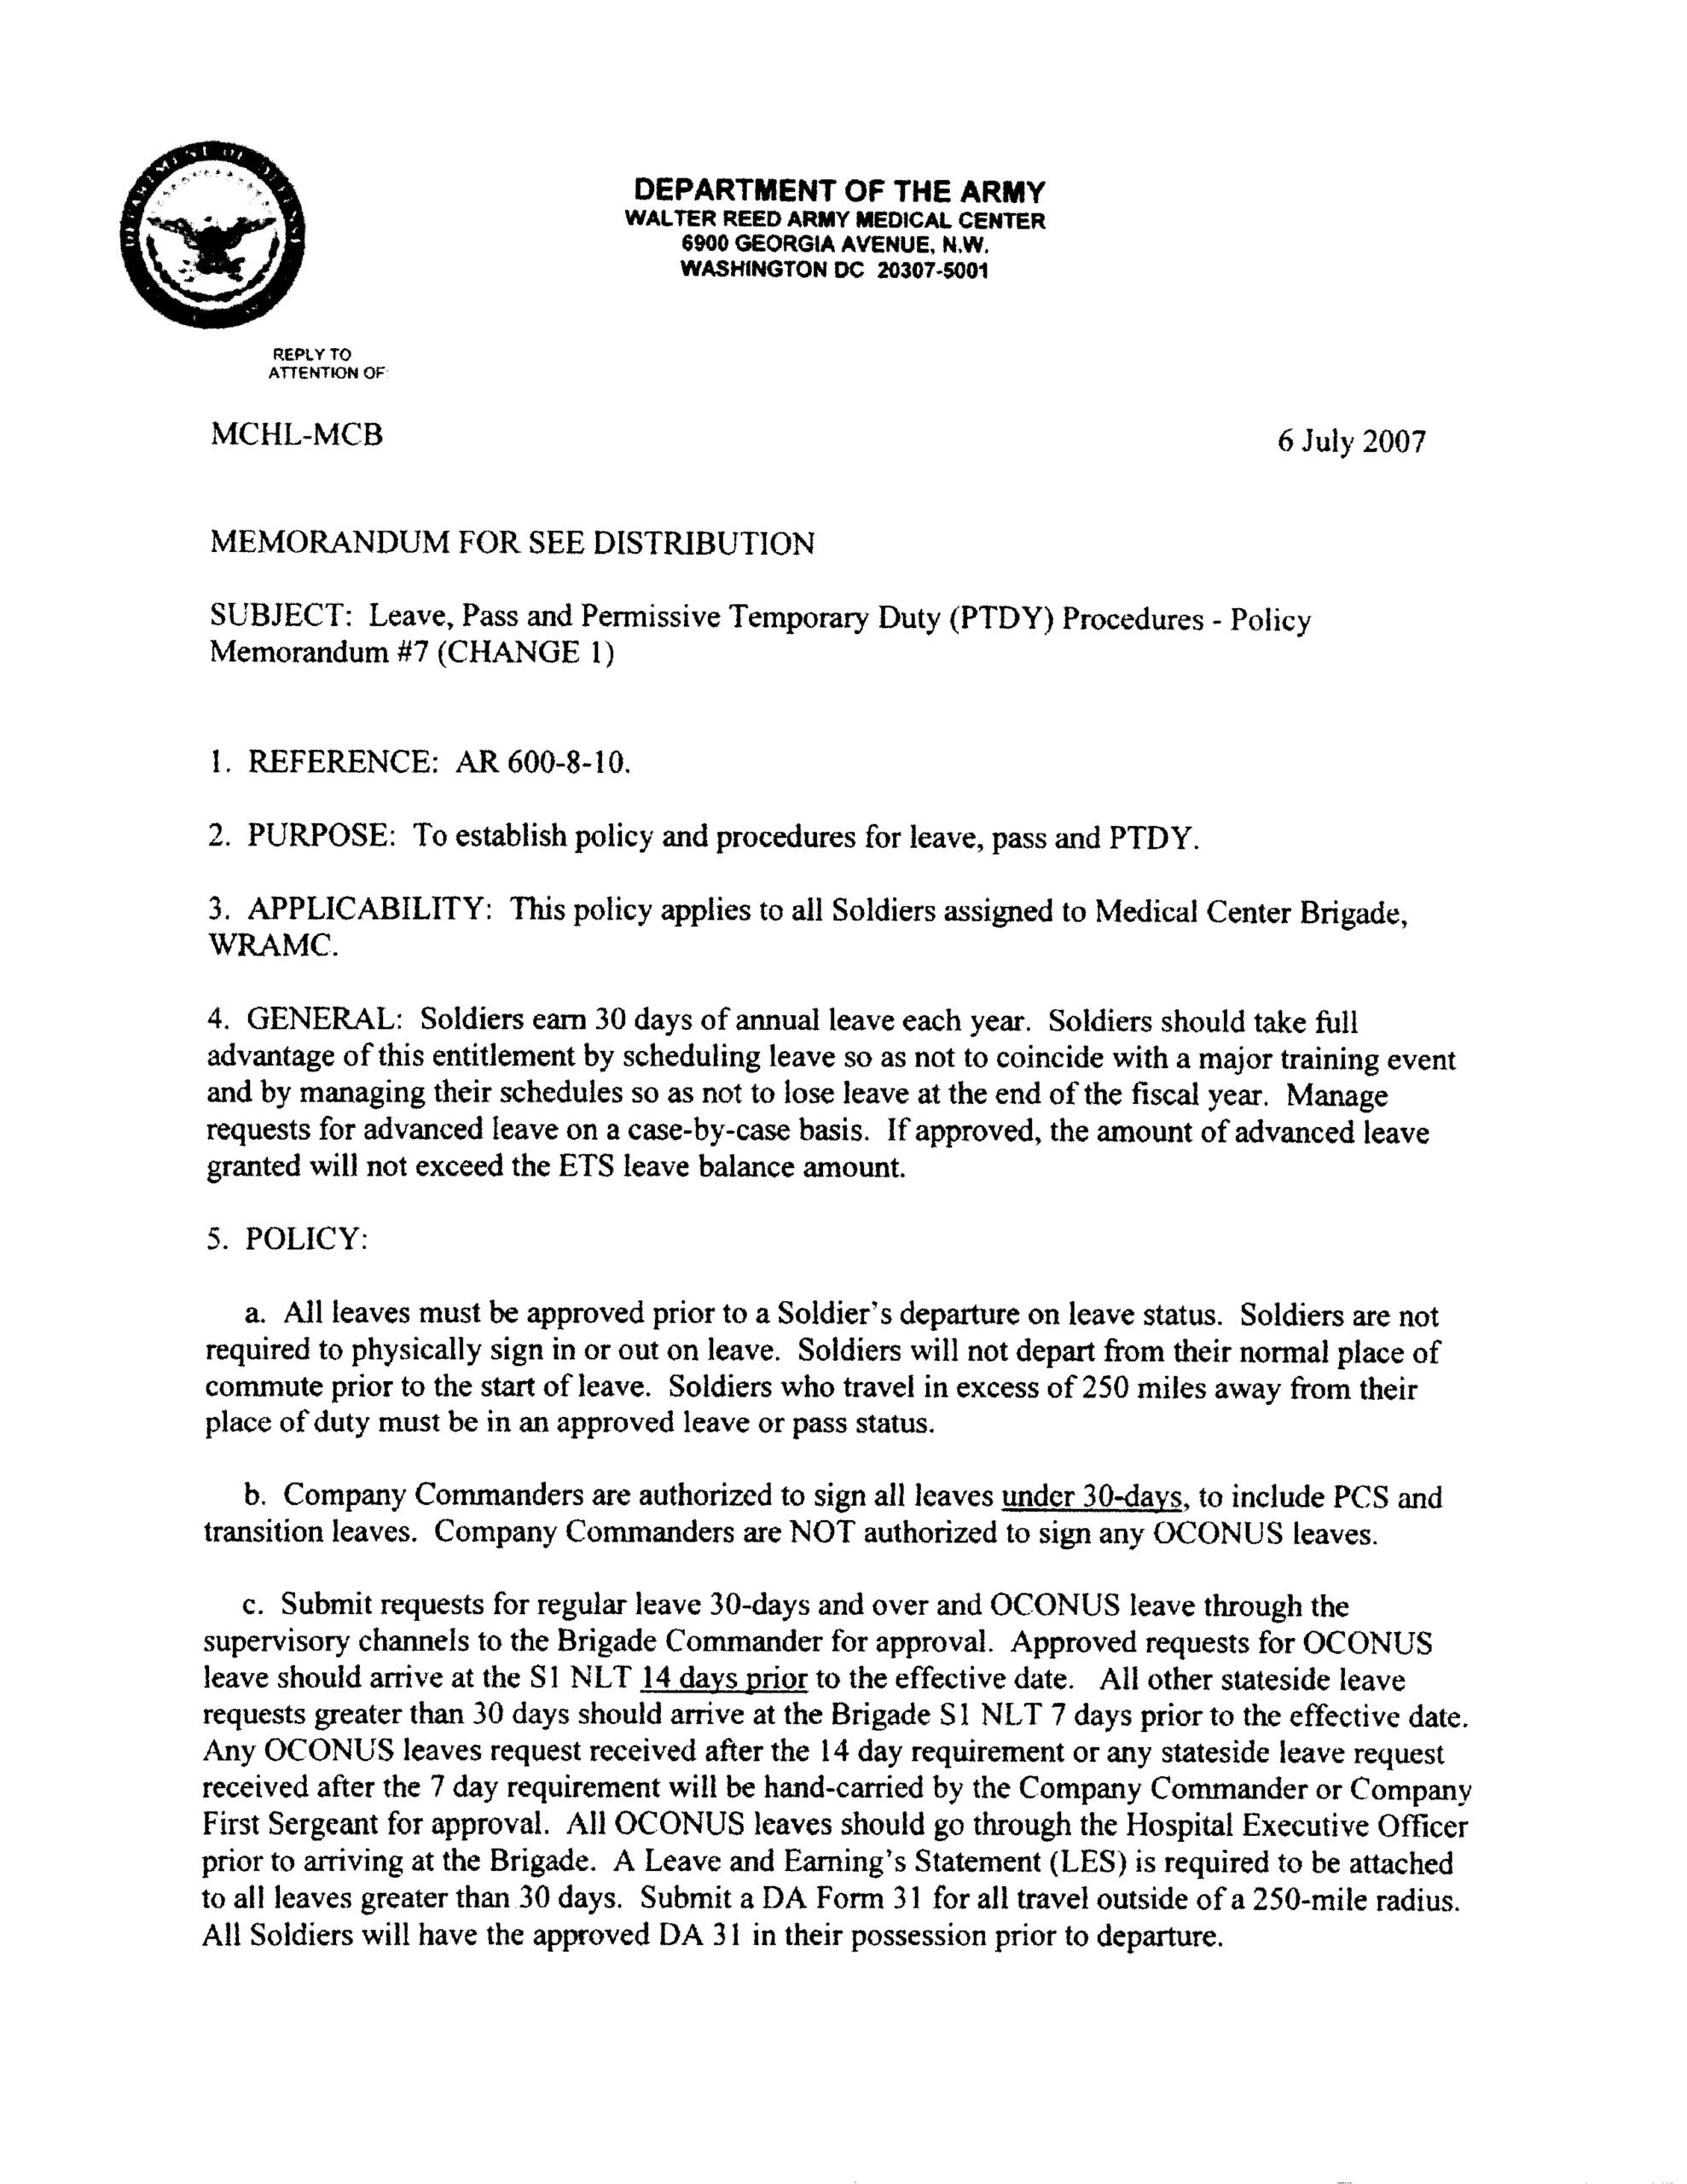 Army Memorandum For Leave   Templates At In Army Memorandum Template Word